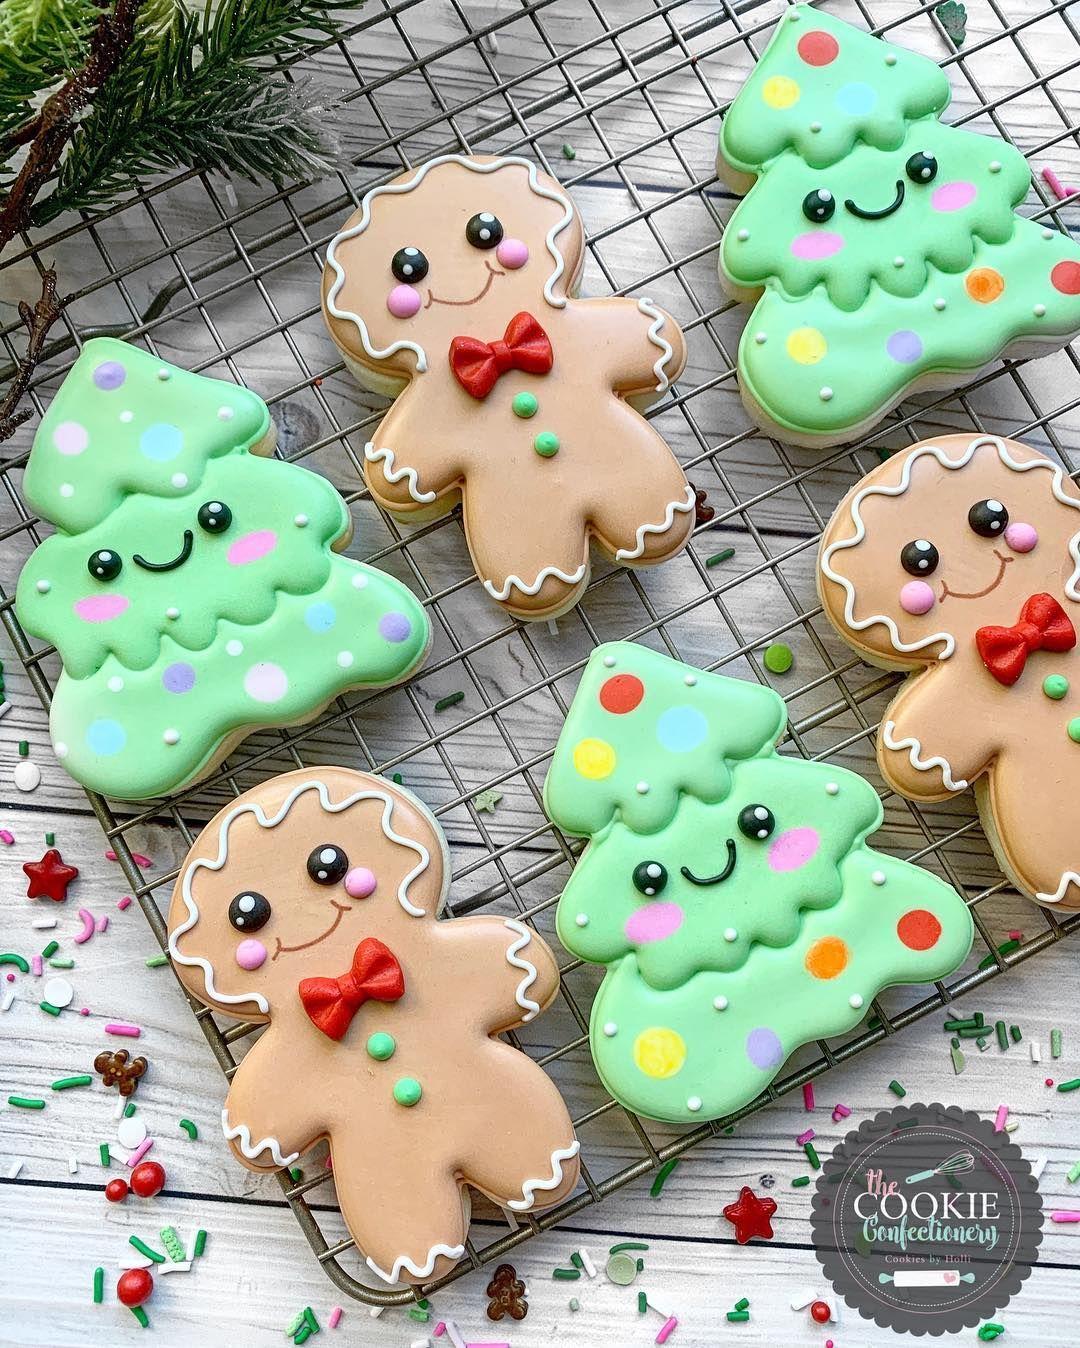 """Holli on Instagram: """"#Christmascookies2018 #christmascookies #xmascookies #cookies #sugarcookies #gingerbreadman #decoratedcookies #cookiesofinstagram…"""" #decoratersicing"""